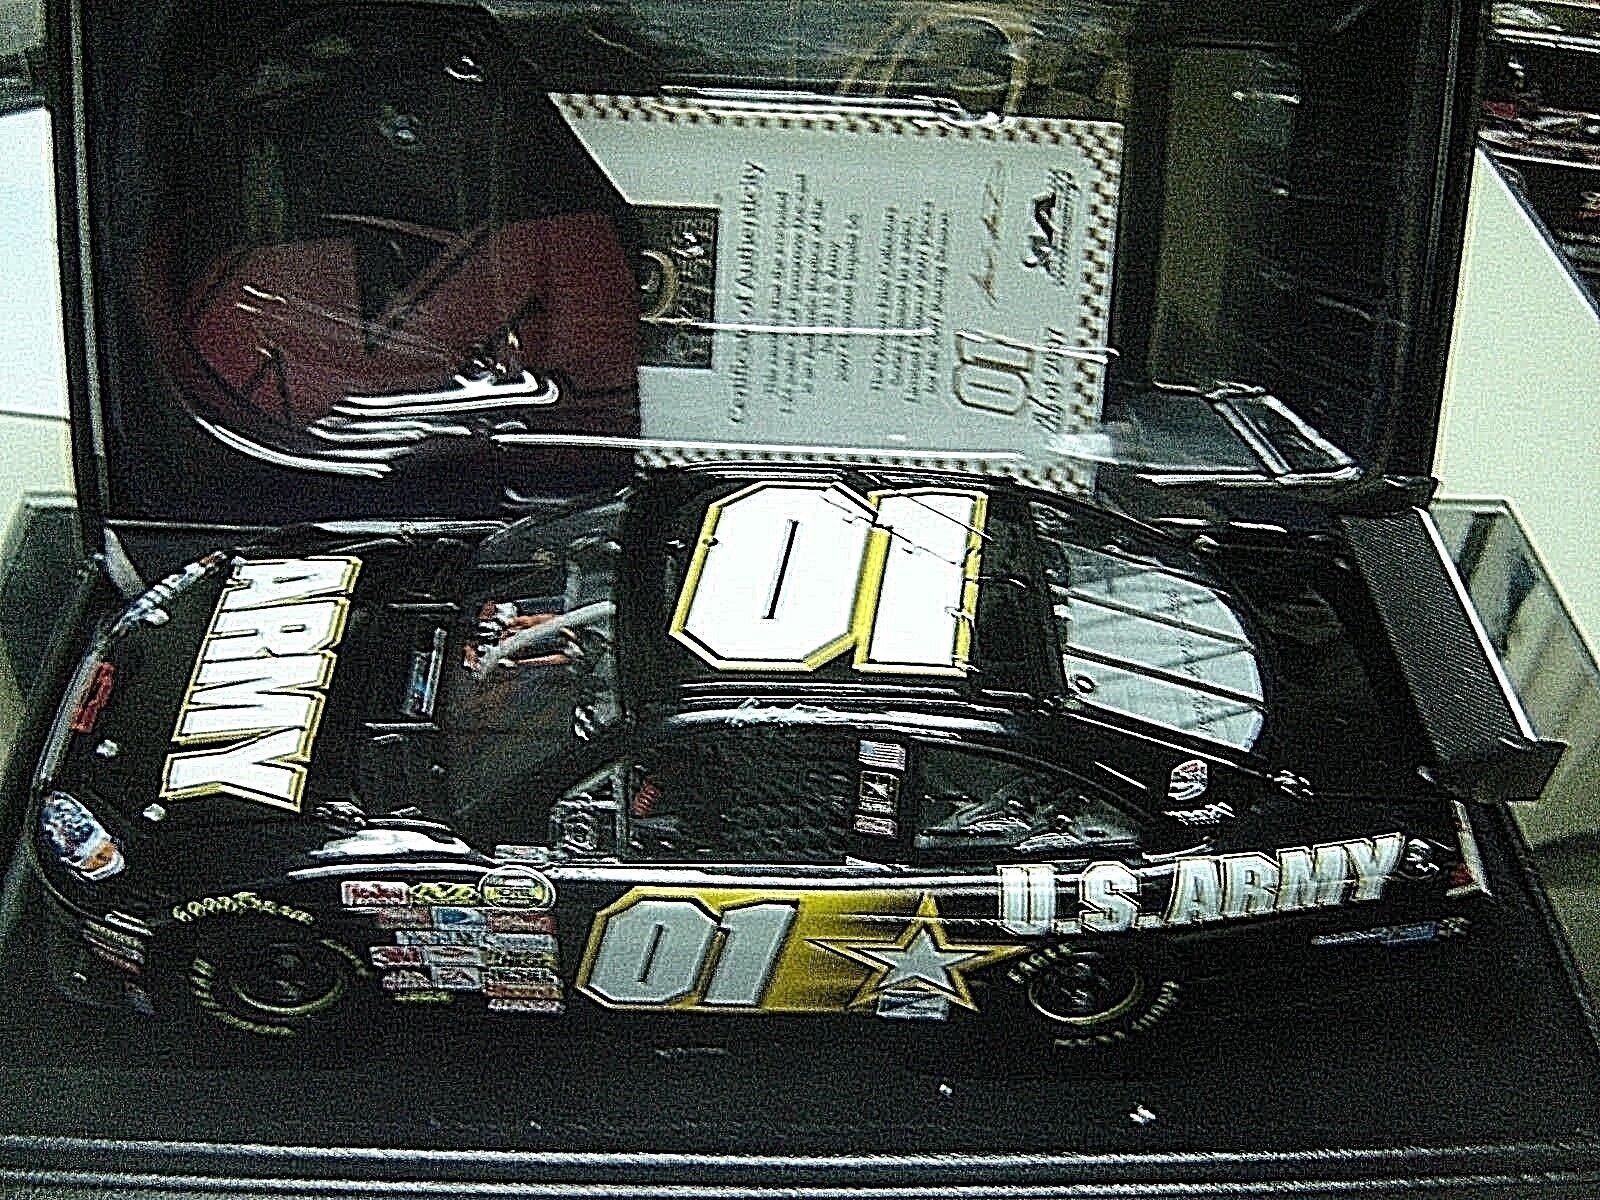 2007 MARK MARTIN U.S. ARMY OWNERS ELITE COT IMPALA GINN RACING 1 24